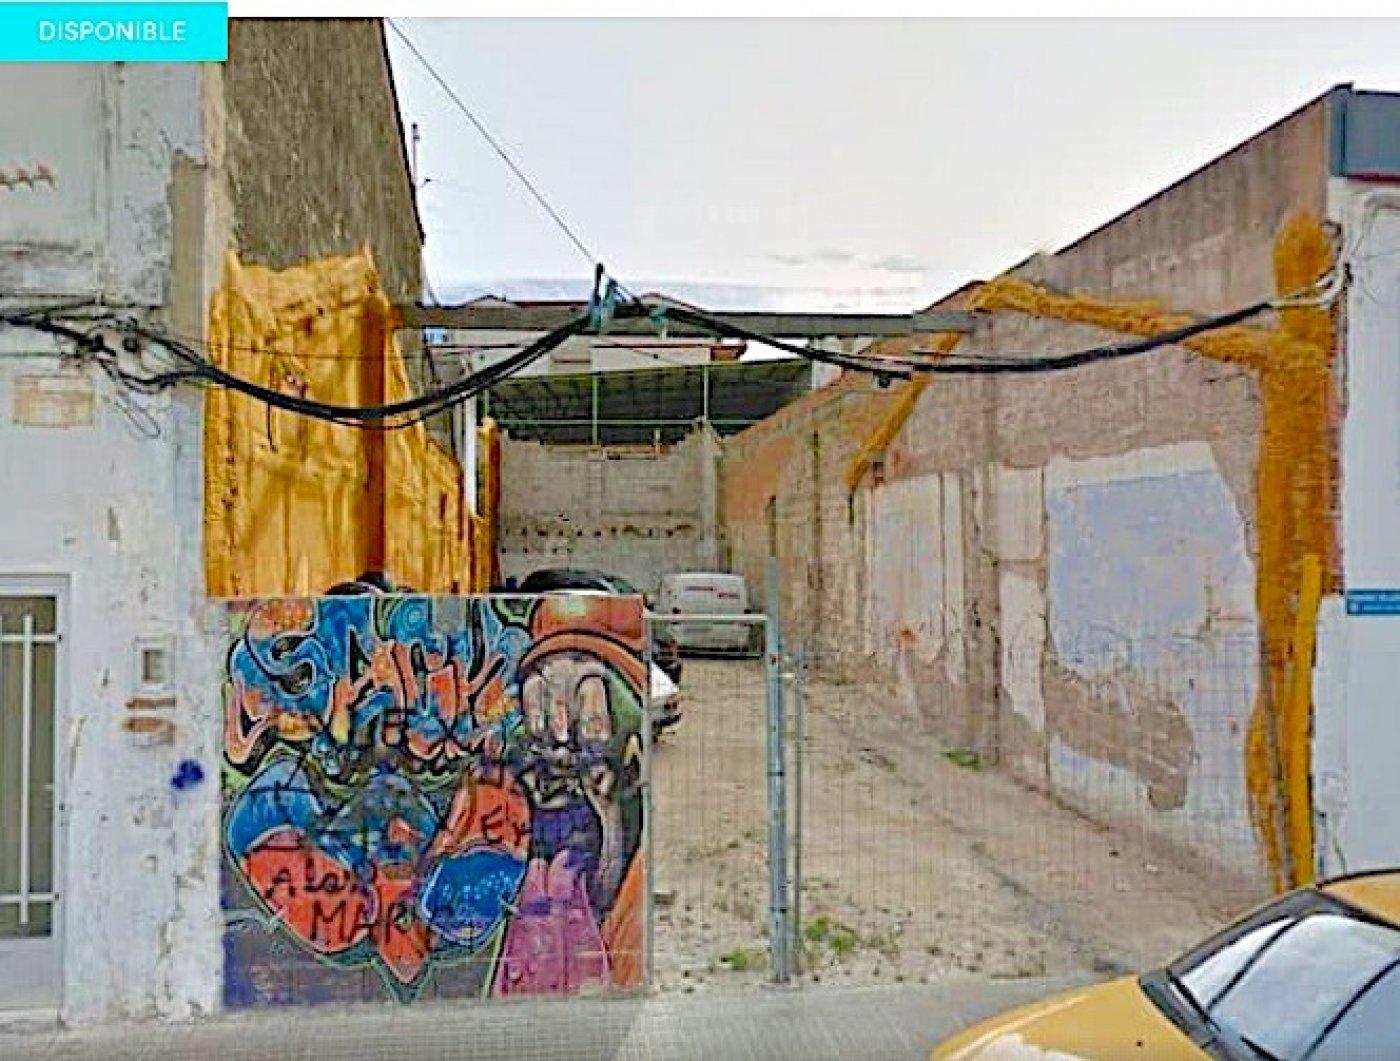 Urbano/solar/parcela en venta en c/ cervantes con edificabilidad para 10 viviendas, gandia - imagenInmueble2